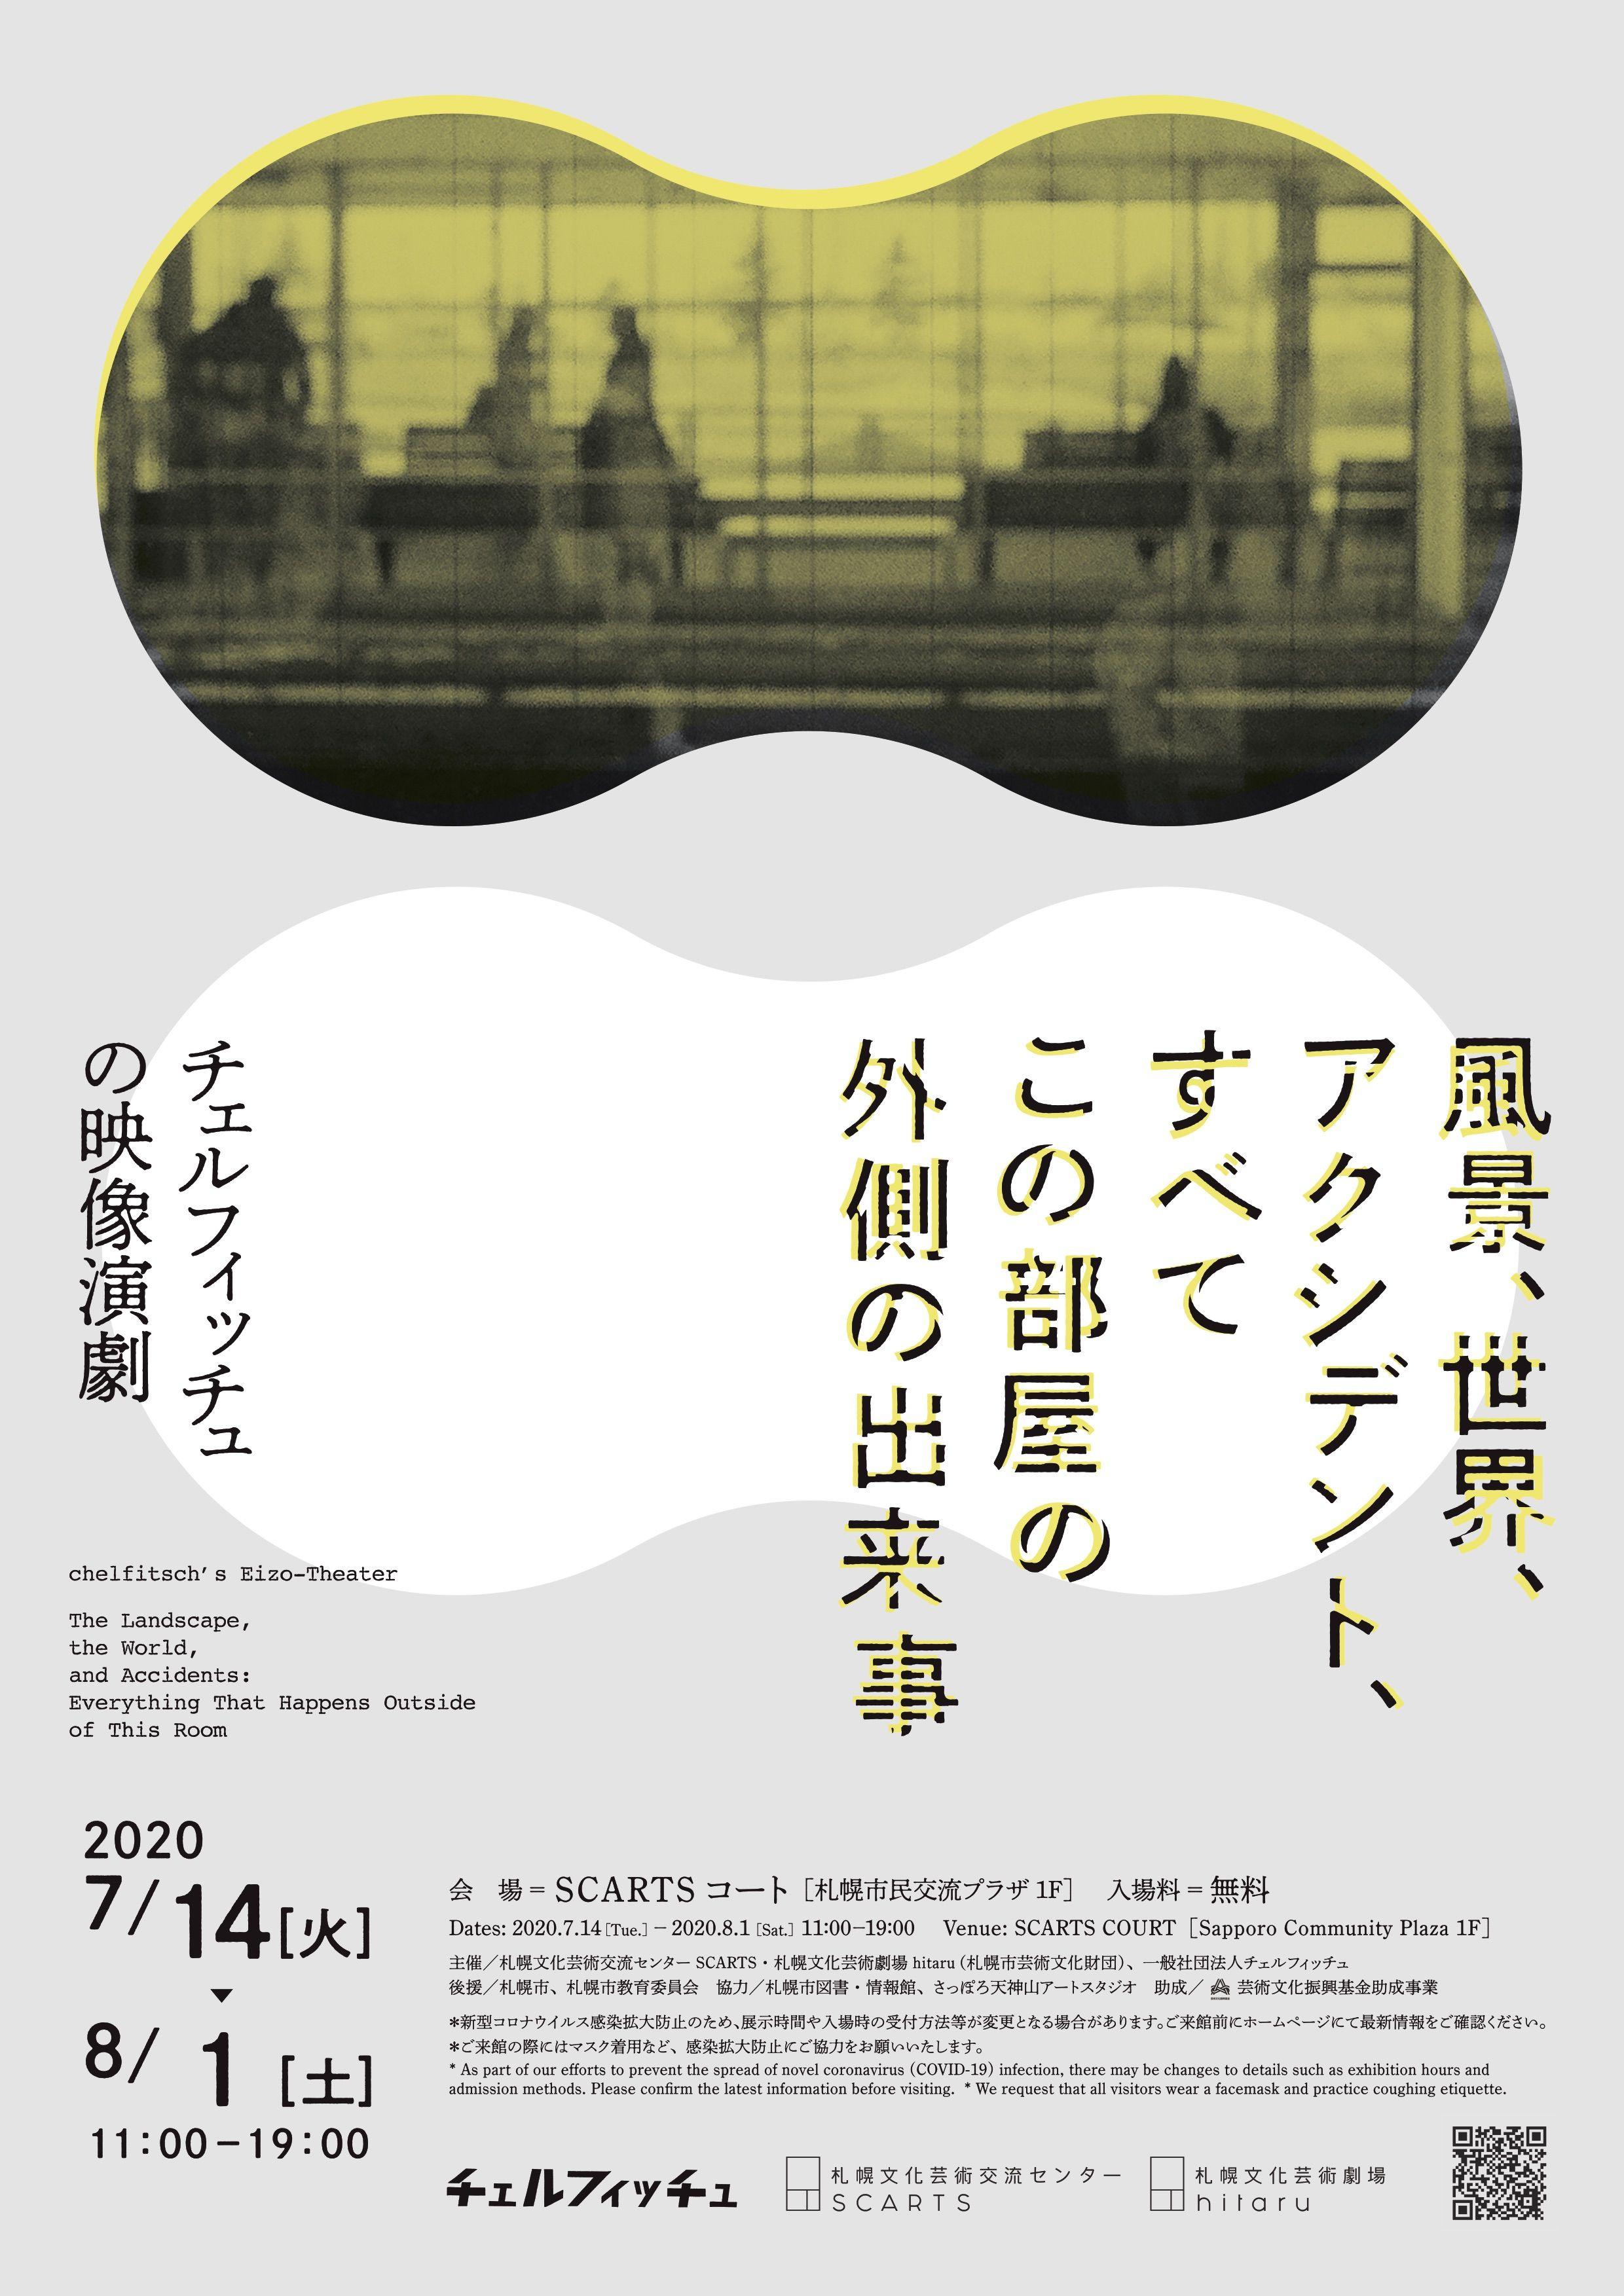 チェルフィッチュの〈映像演劇〉 「風景、世界、アクシデント、 すべてこの部屋の外側の出来事」 イメージ画像